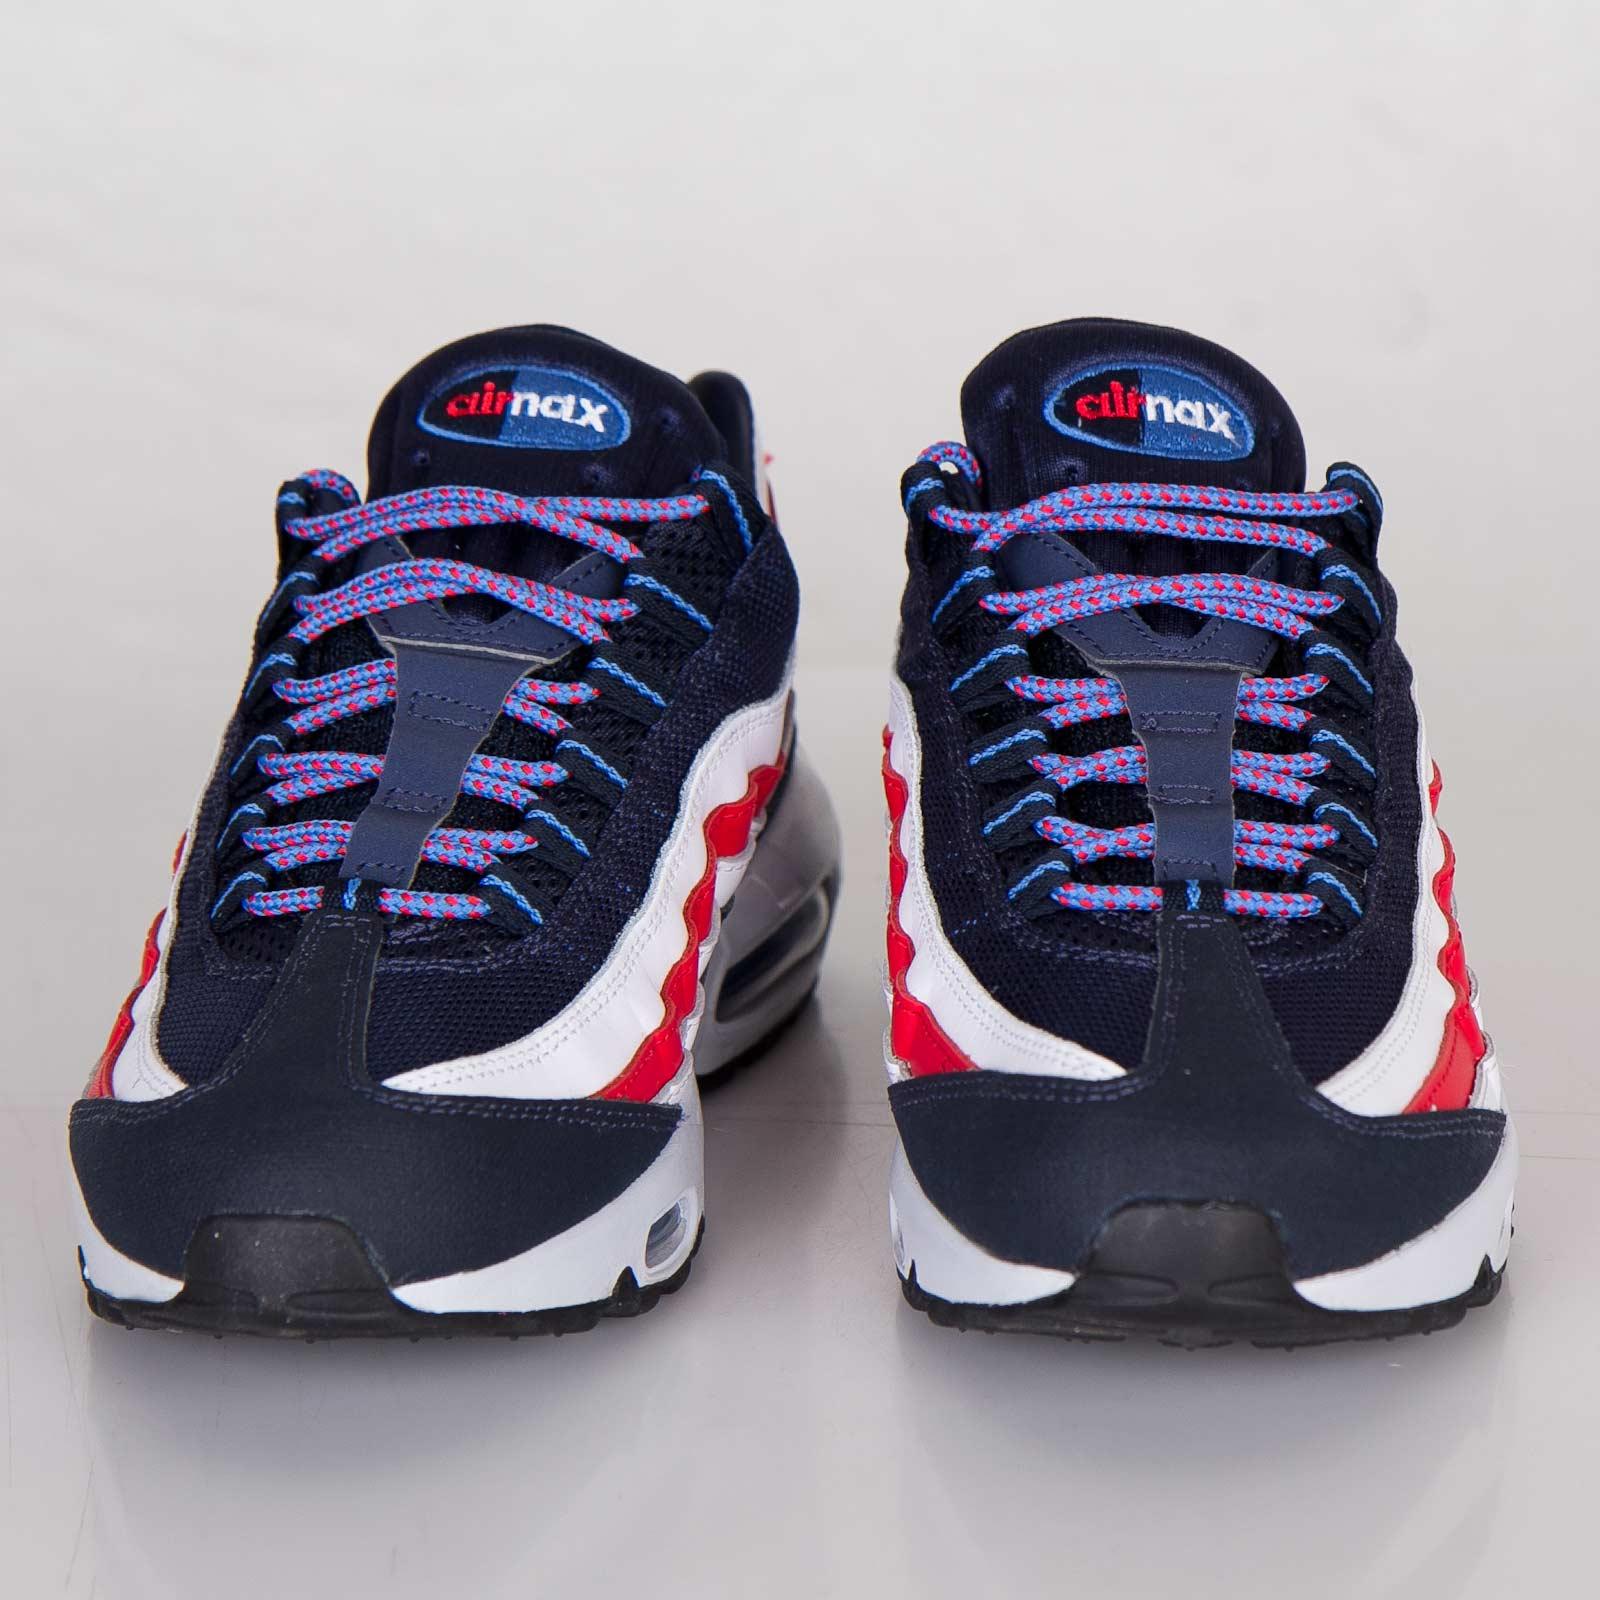 timeless design b97fb a9314 ... Nike Air Max 95 City QS ...